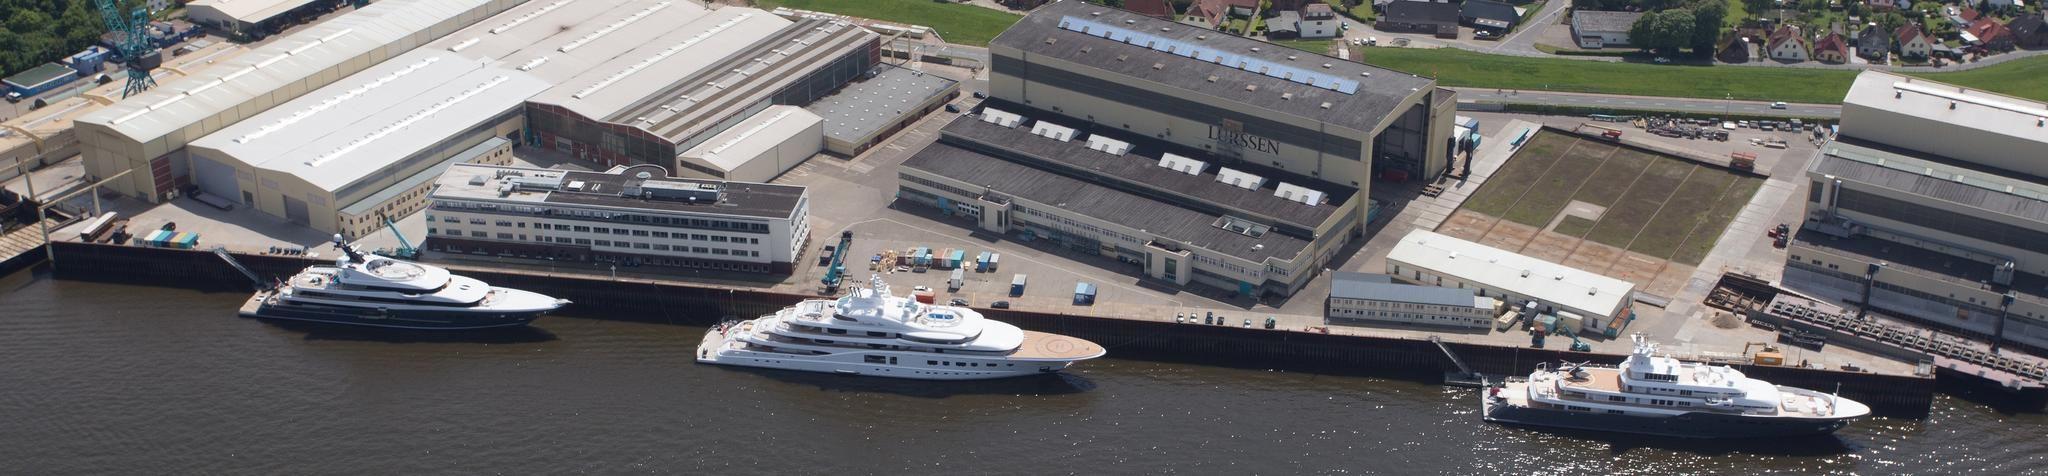 FR. Lurssen Werft GmbH & Co. KG